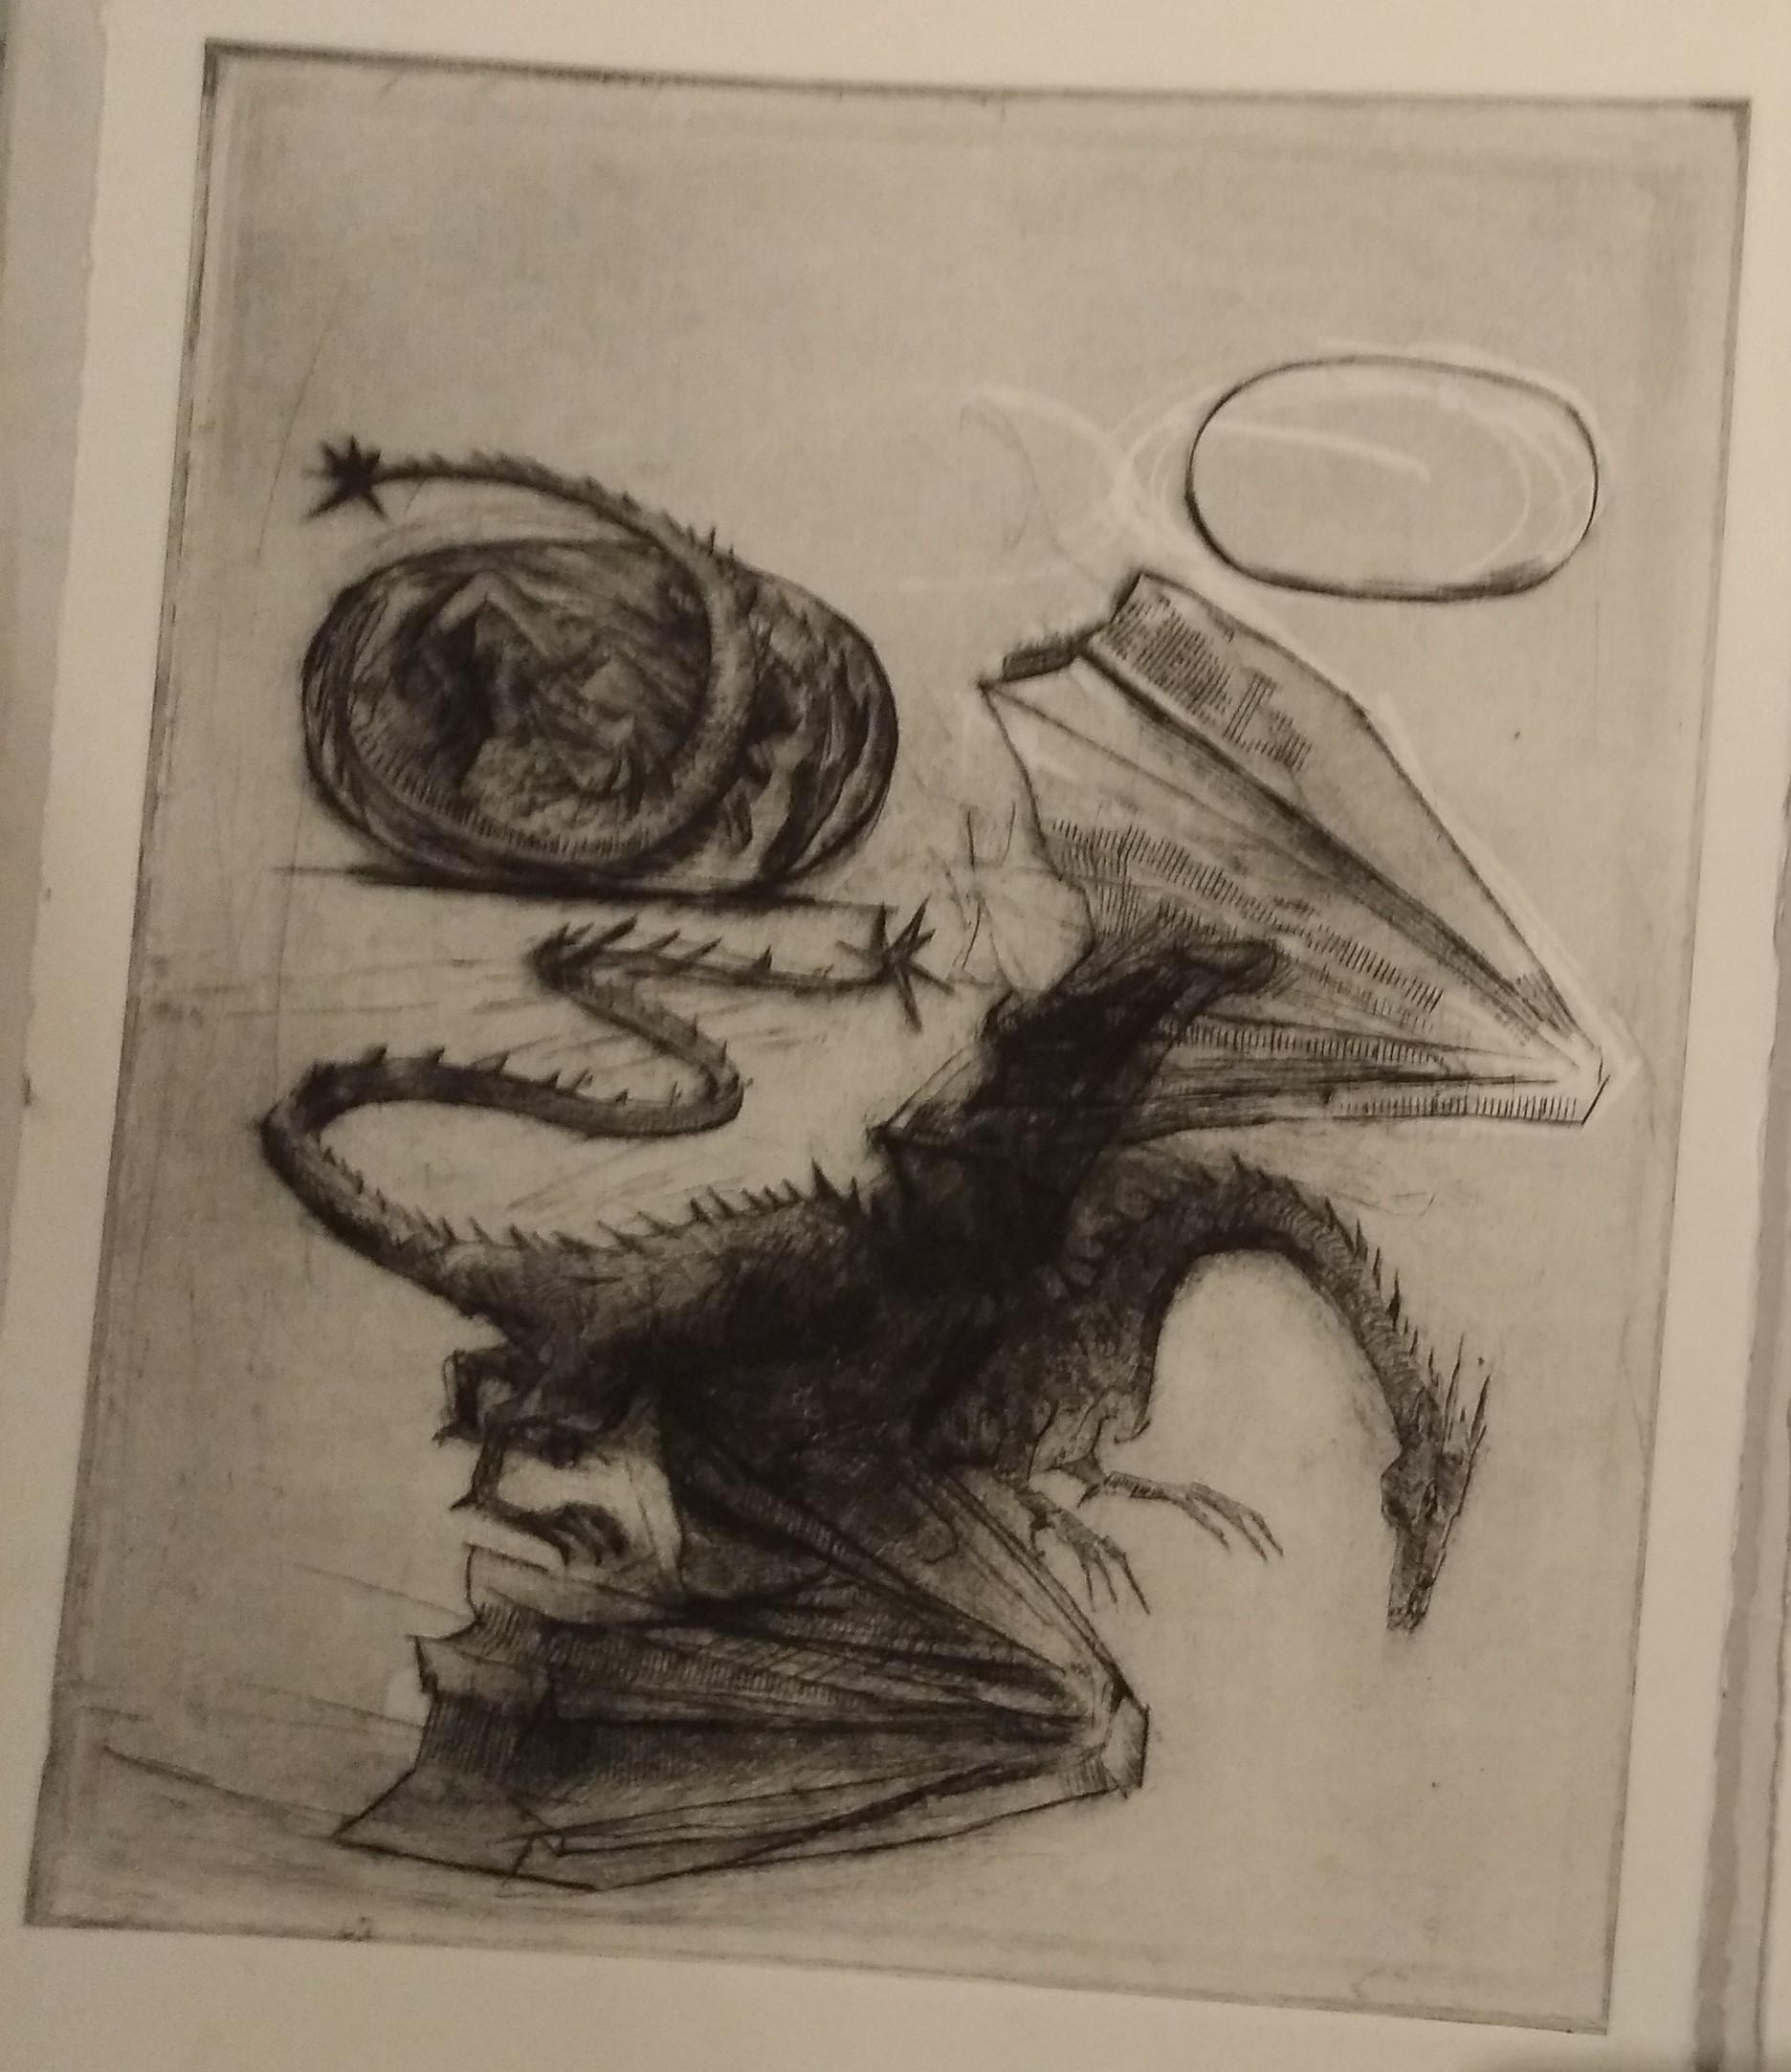 Dessin de dragon pour Les Animaux Fantastiques illustrés chez Gallimard Jeunesse par Olivia Lomenech Gill